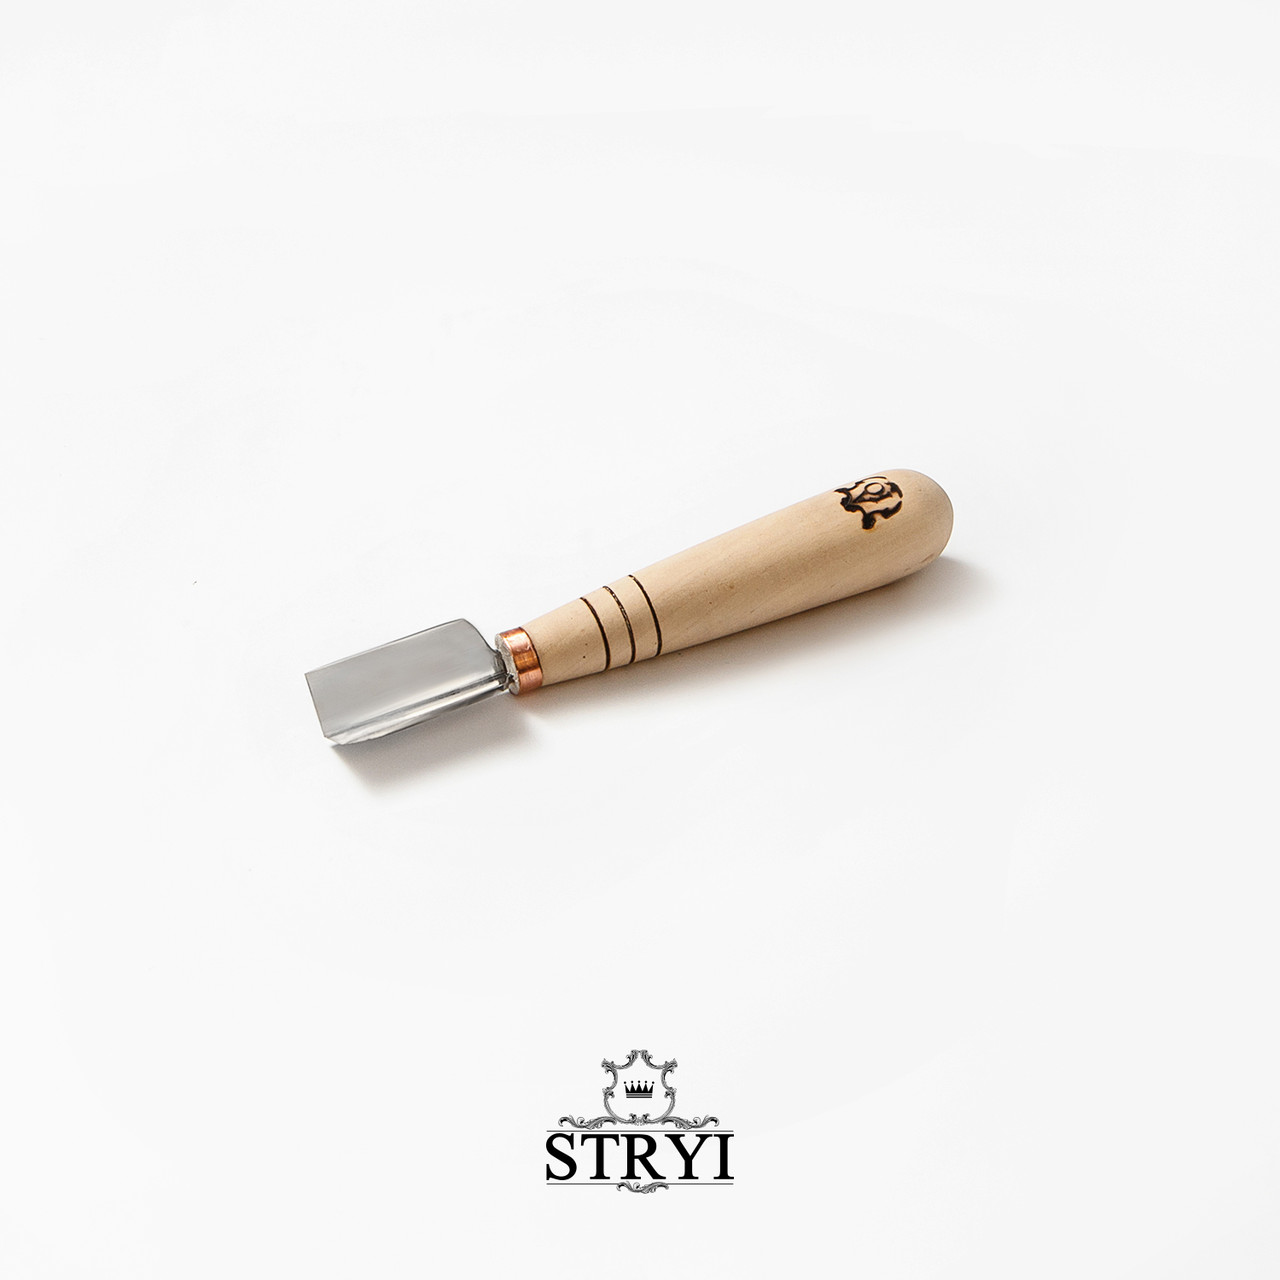 Угловой коротыш 15 мм, от производителя STRYI